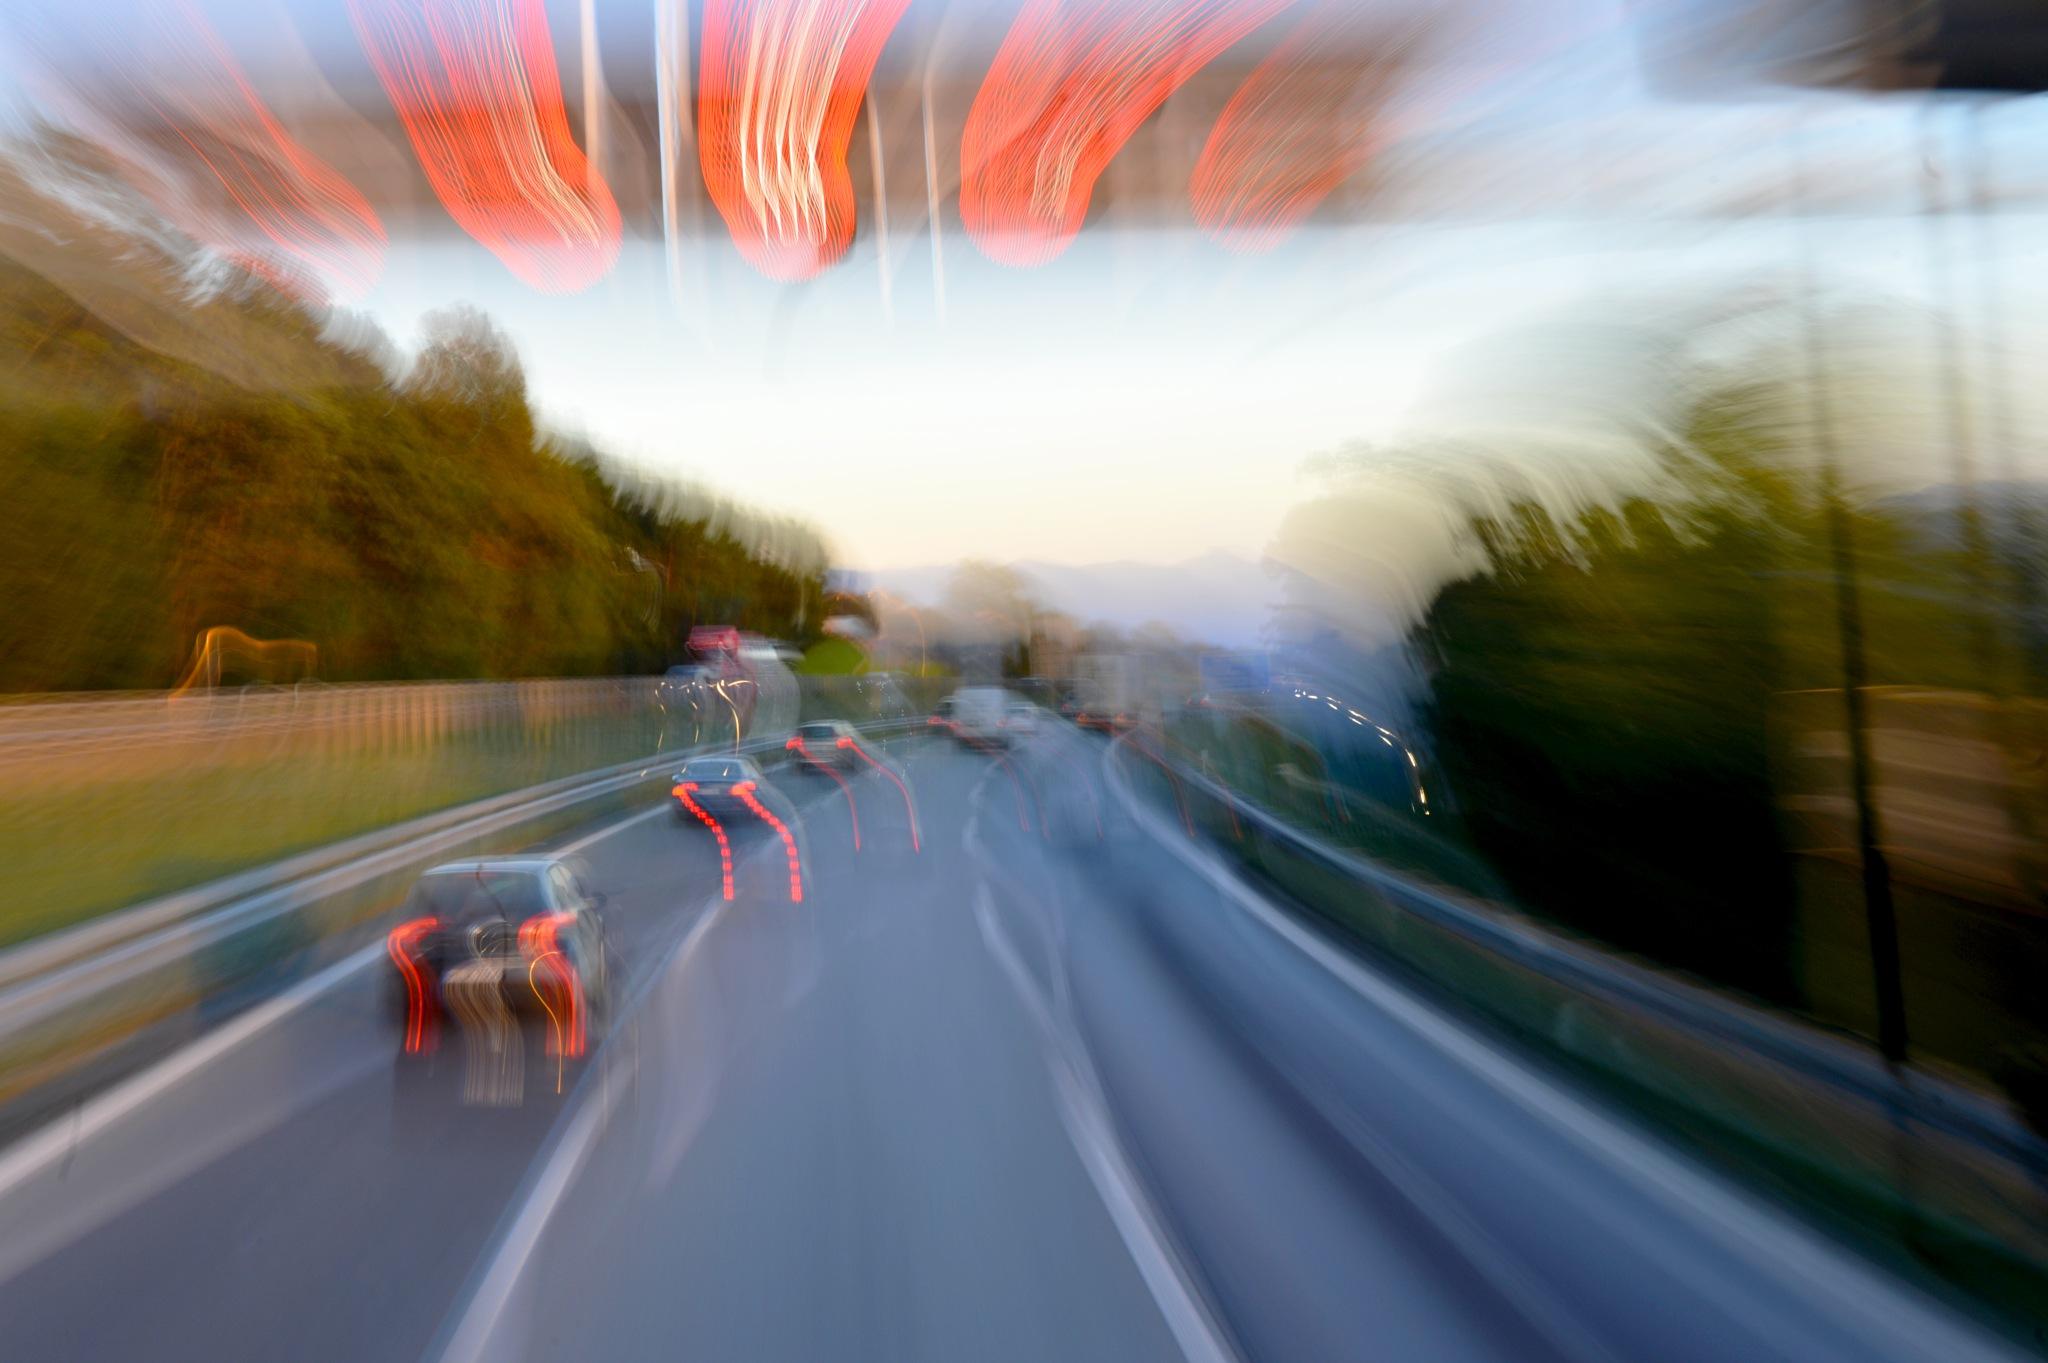 highway by maurizio senoner